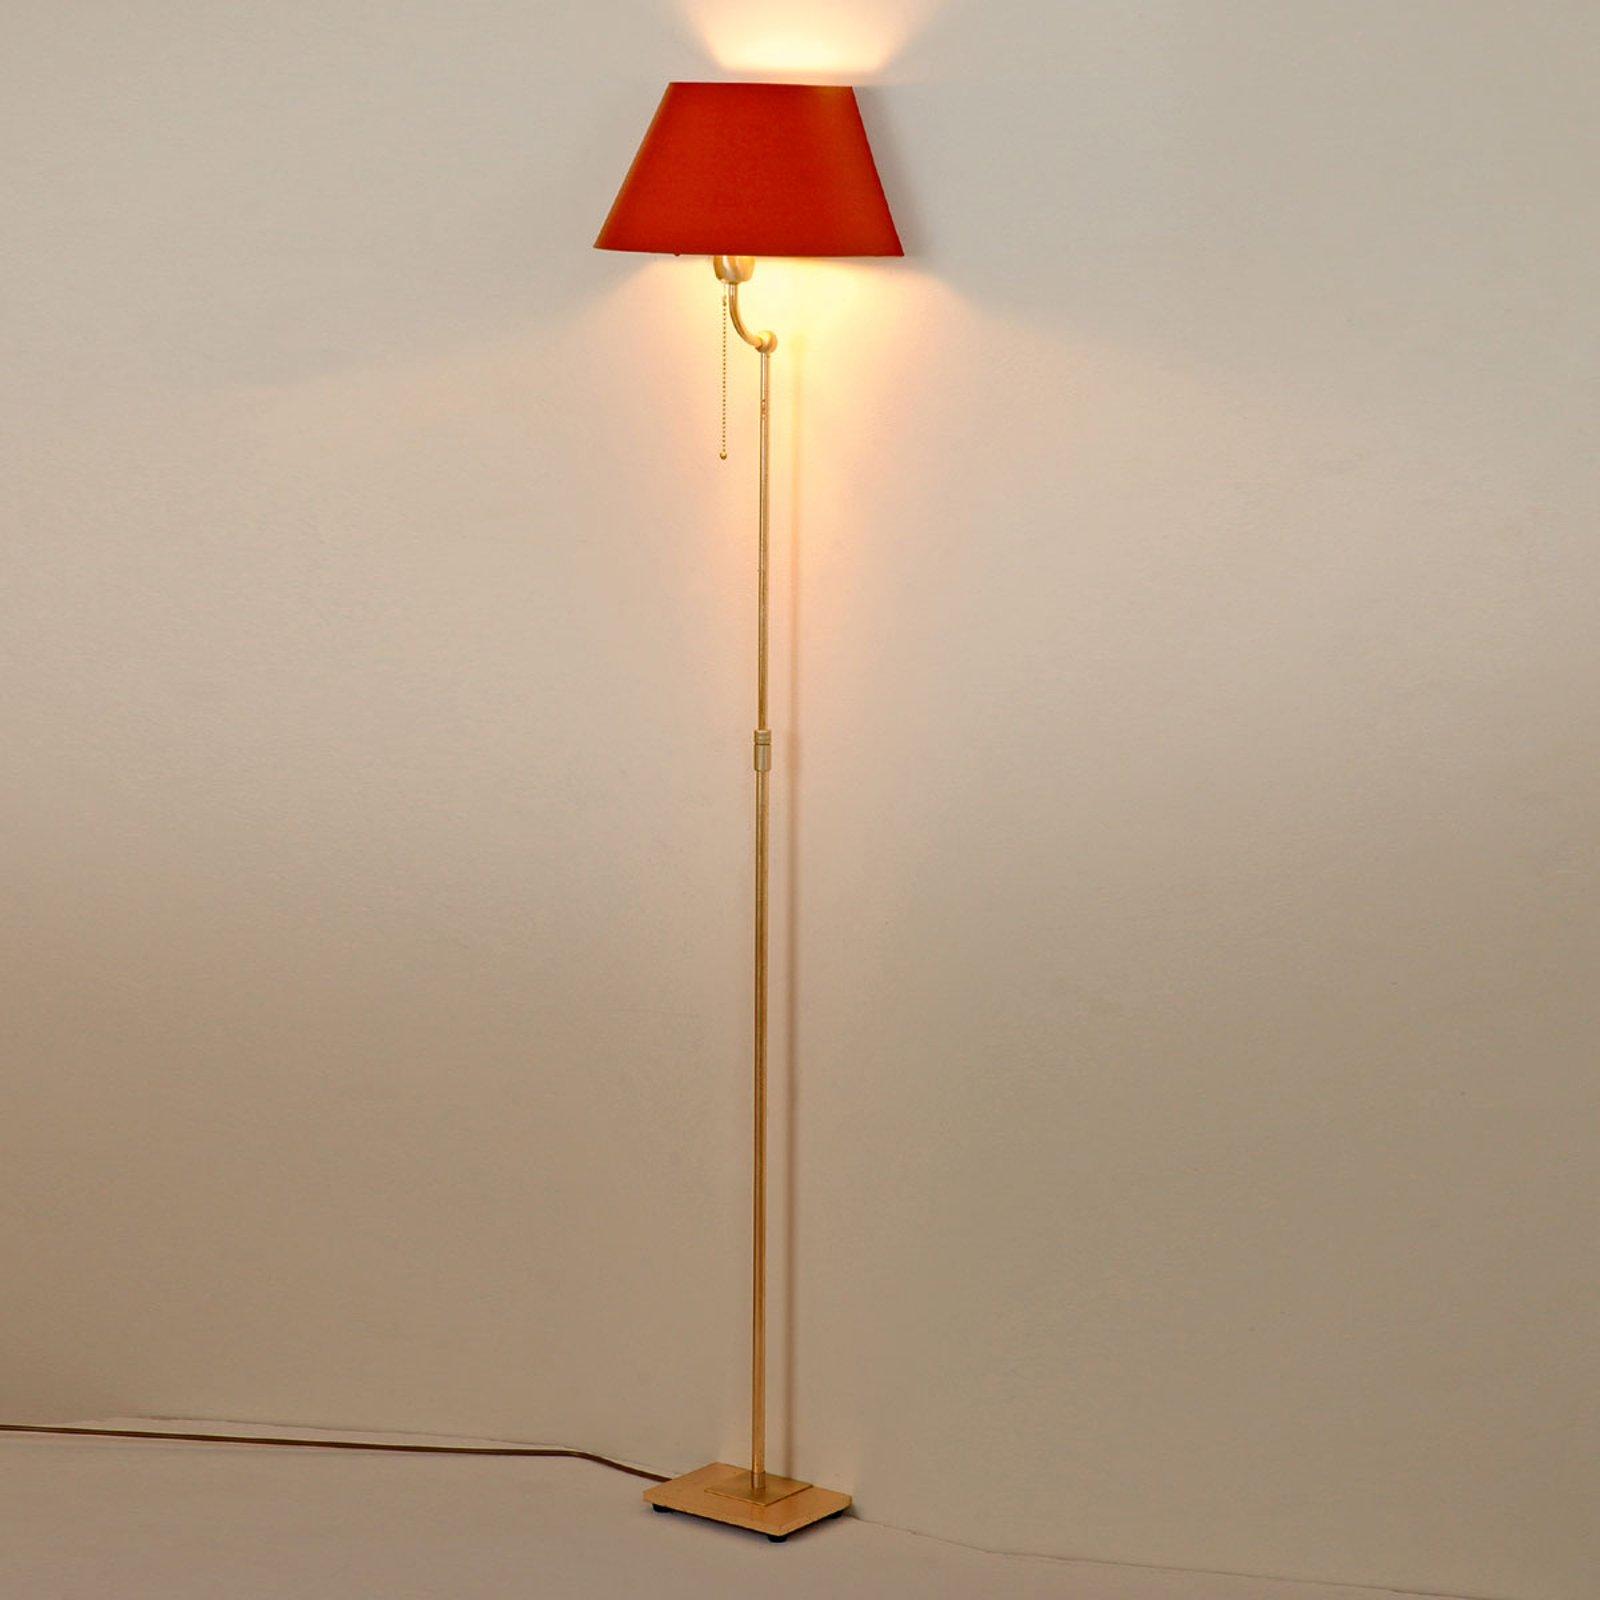 LIVING ELEGANT - en gulvlampe utenom det vanlige